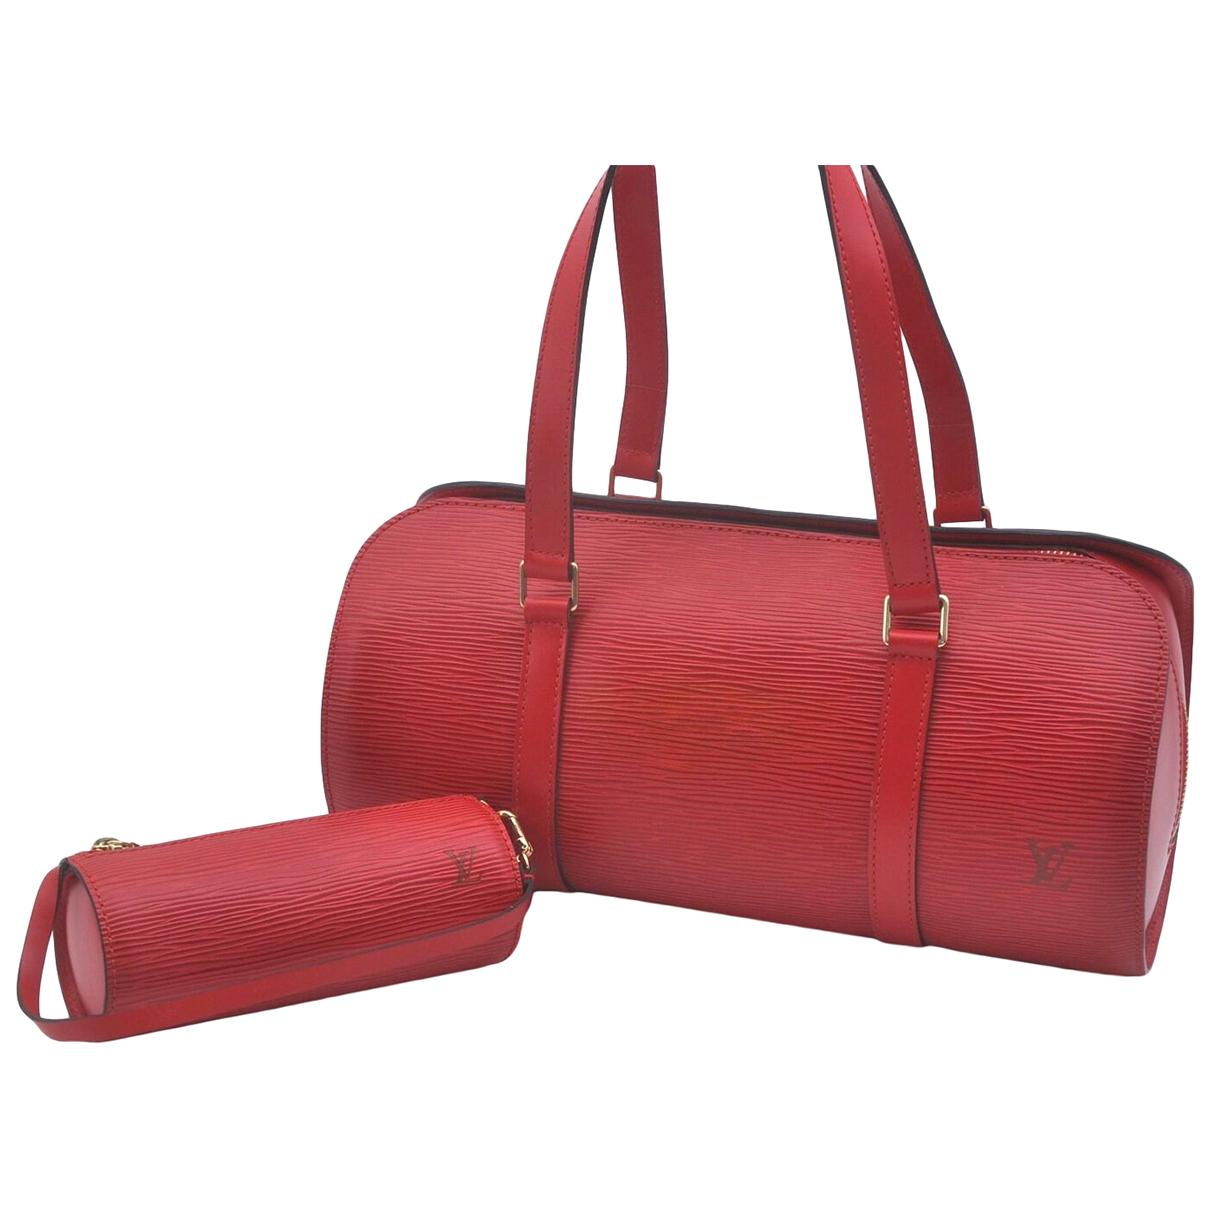 Louis Vuitton - Sac a main Soufflot pour femme en cuir - rouge